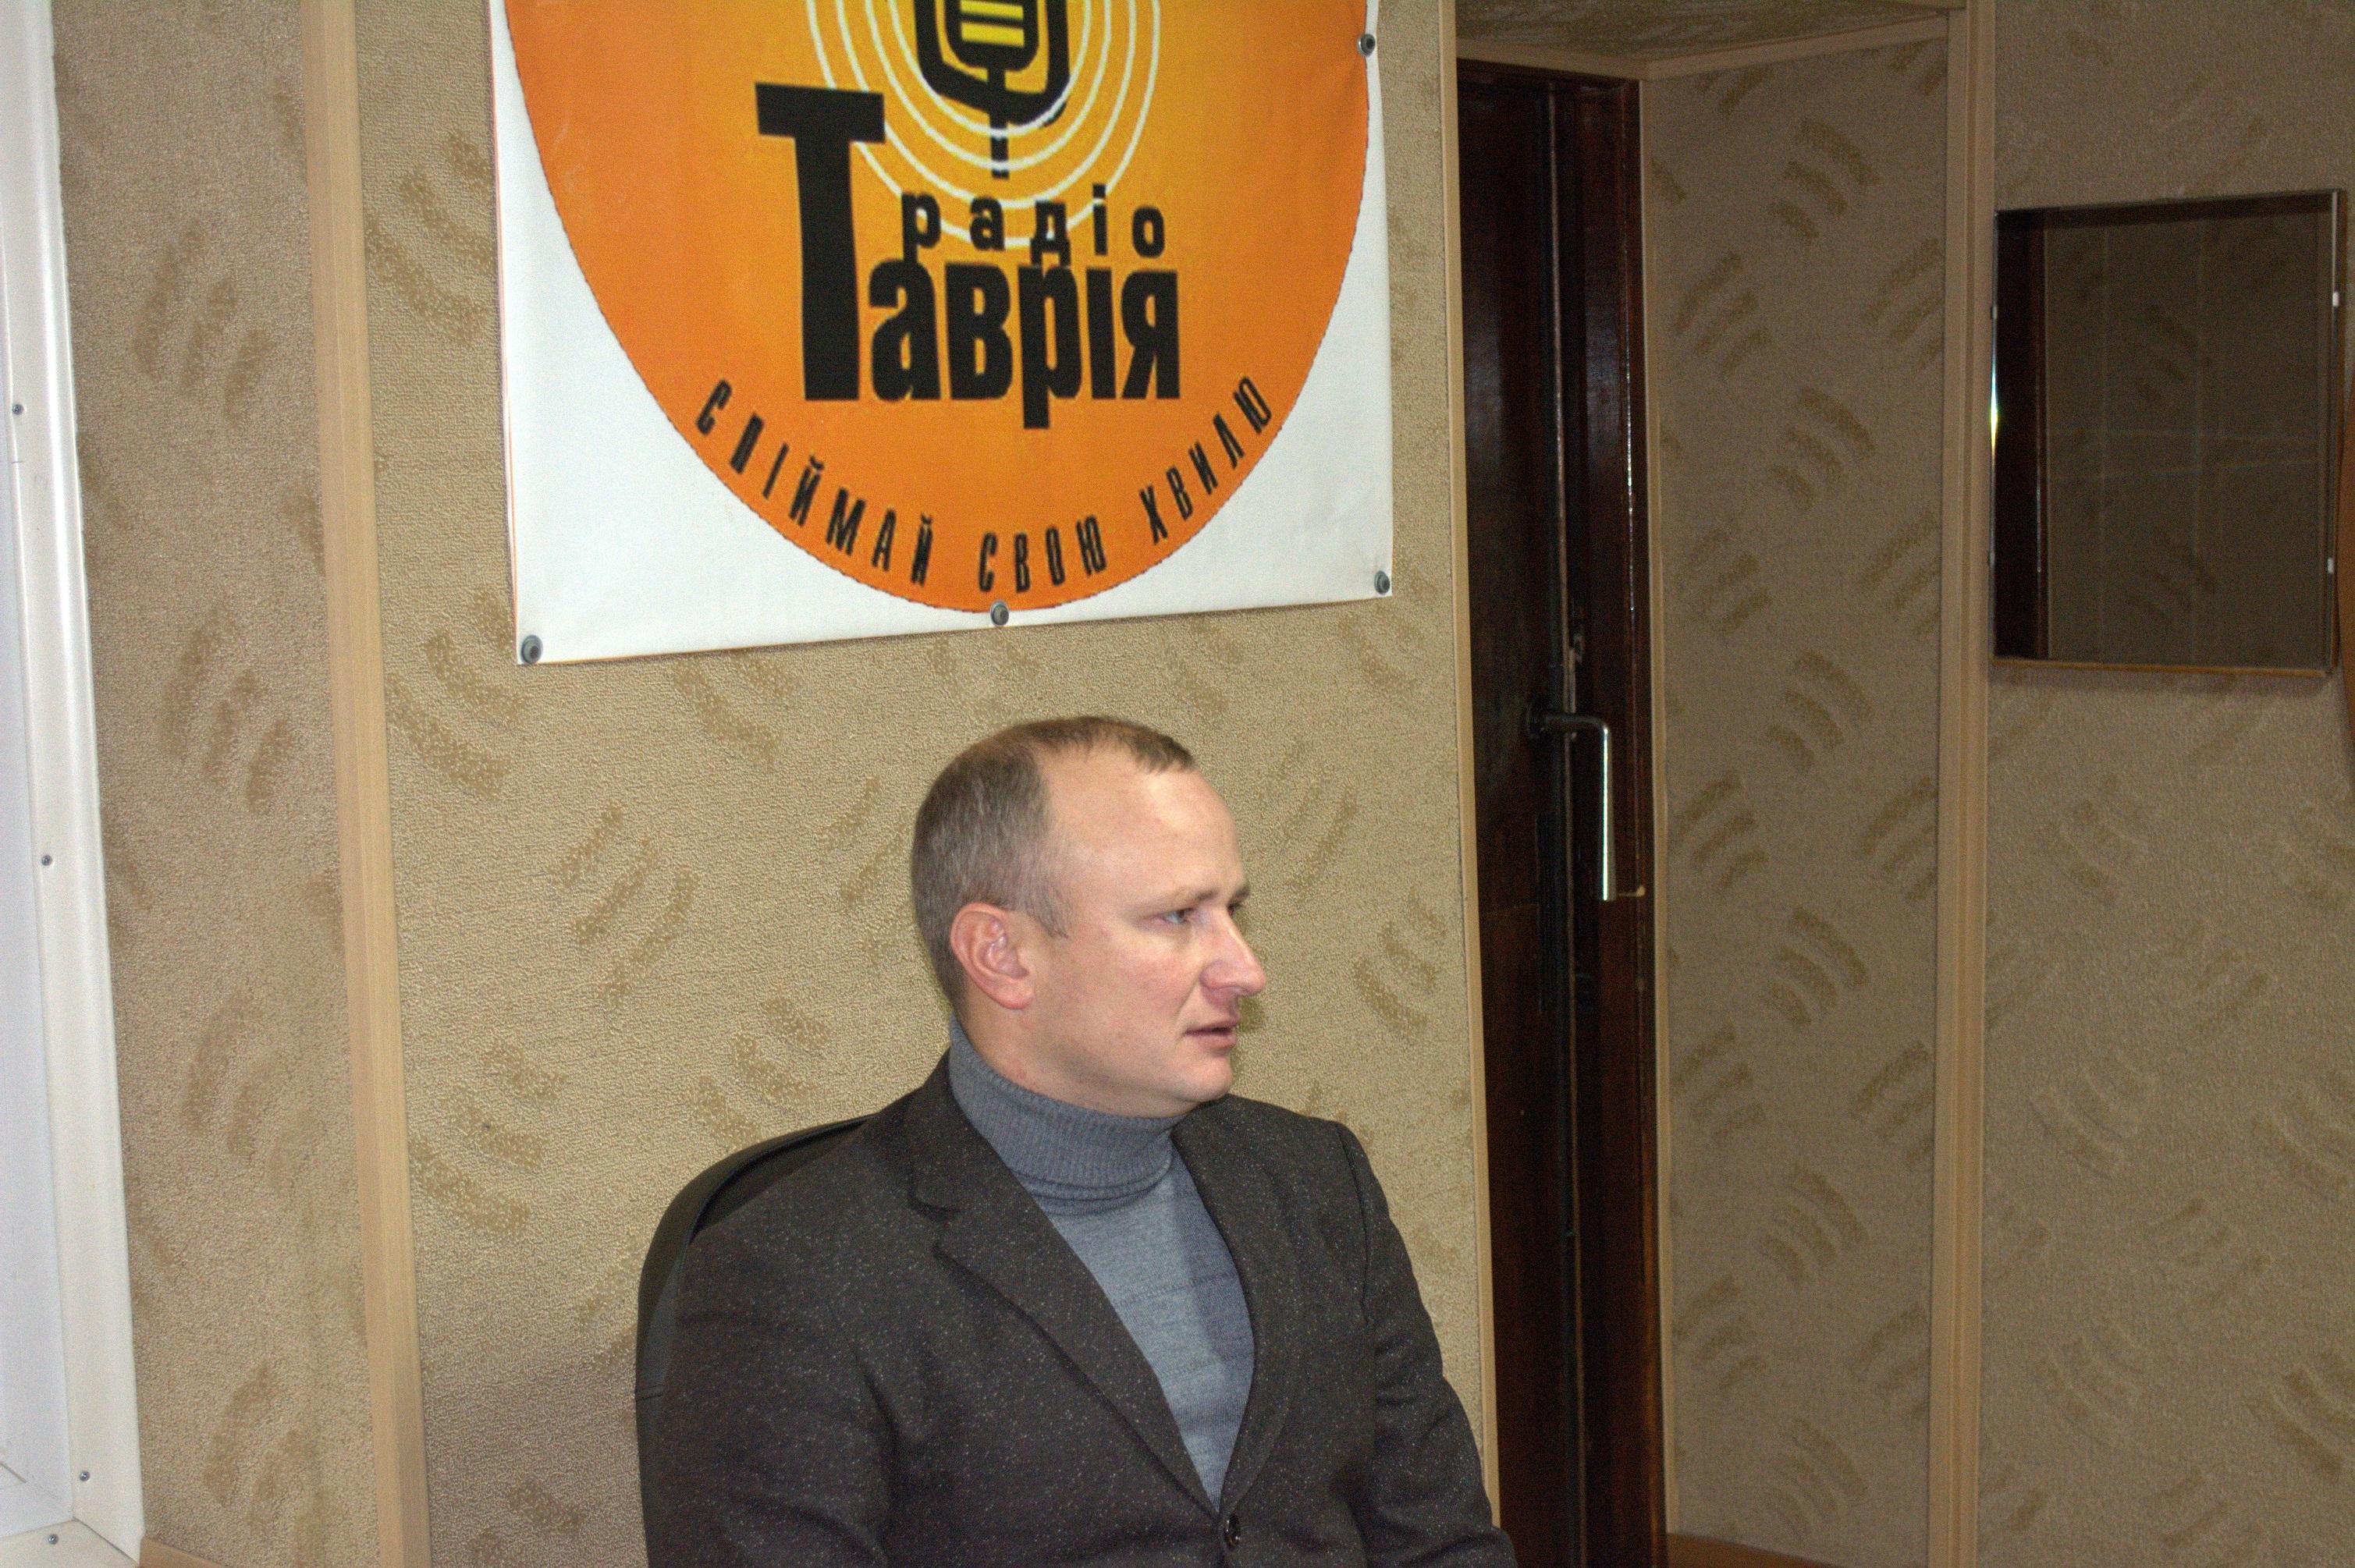 Інтерв'ю з виконавчим директором Херсонської обласної федерації футболу Кручером Олексієм Станіславовичем